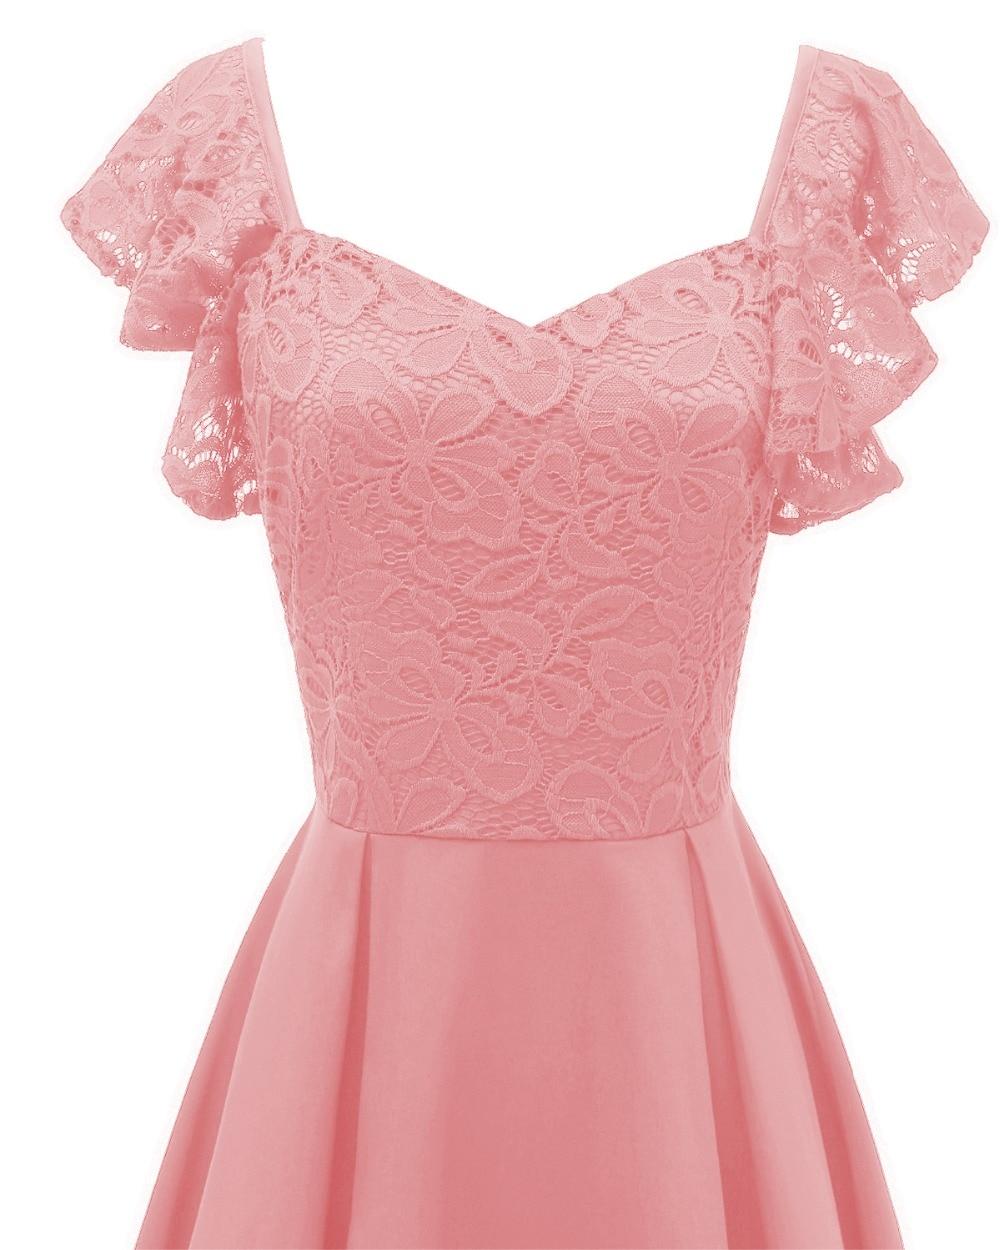 Floral Lace Dress 6